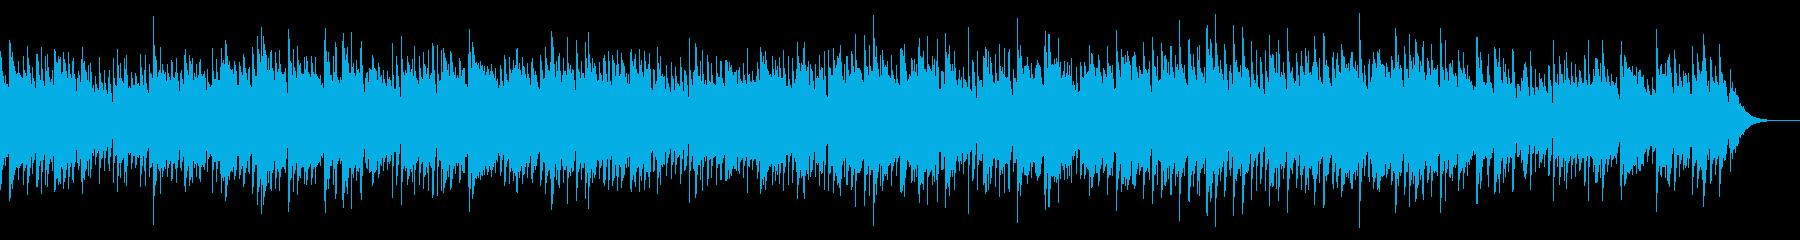 切ない癒しピアノギター の再生済みの波形